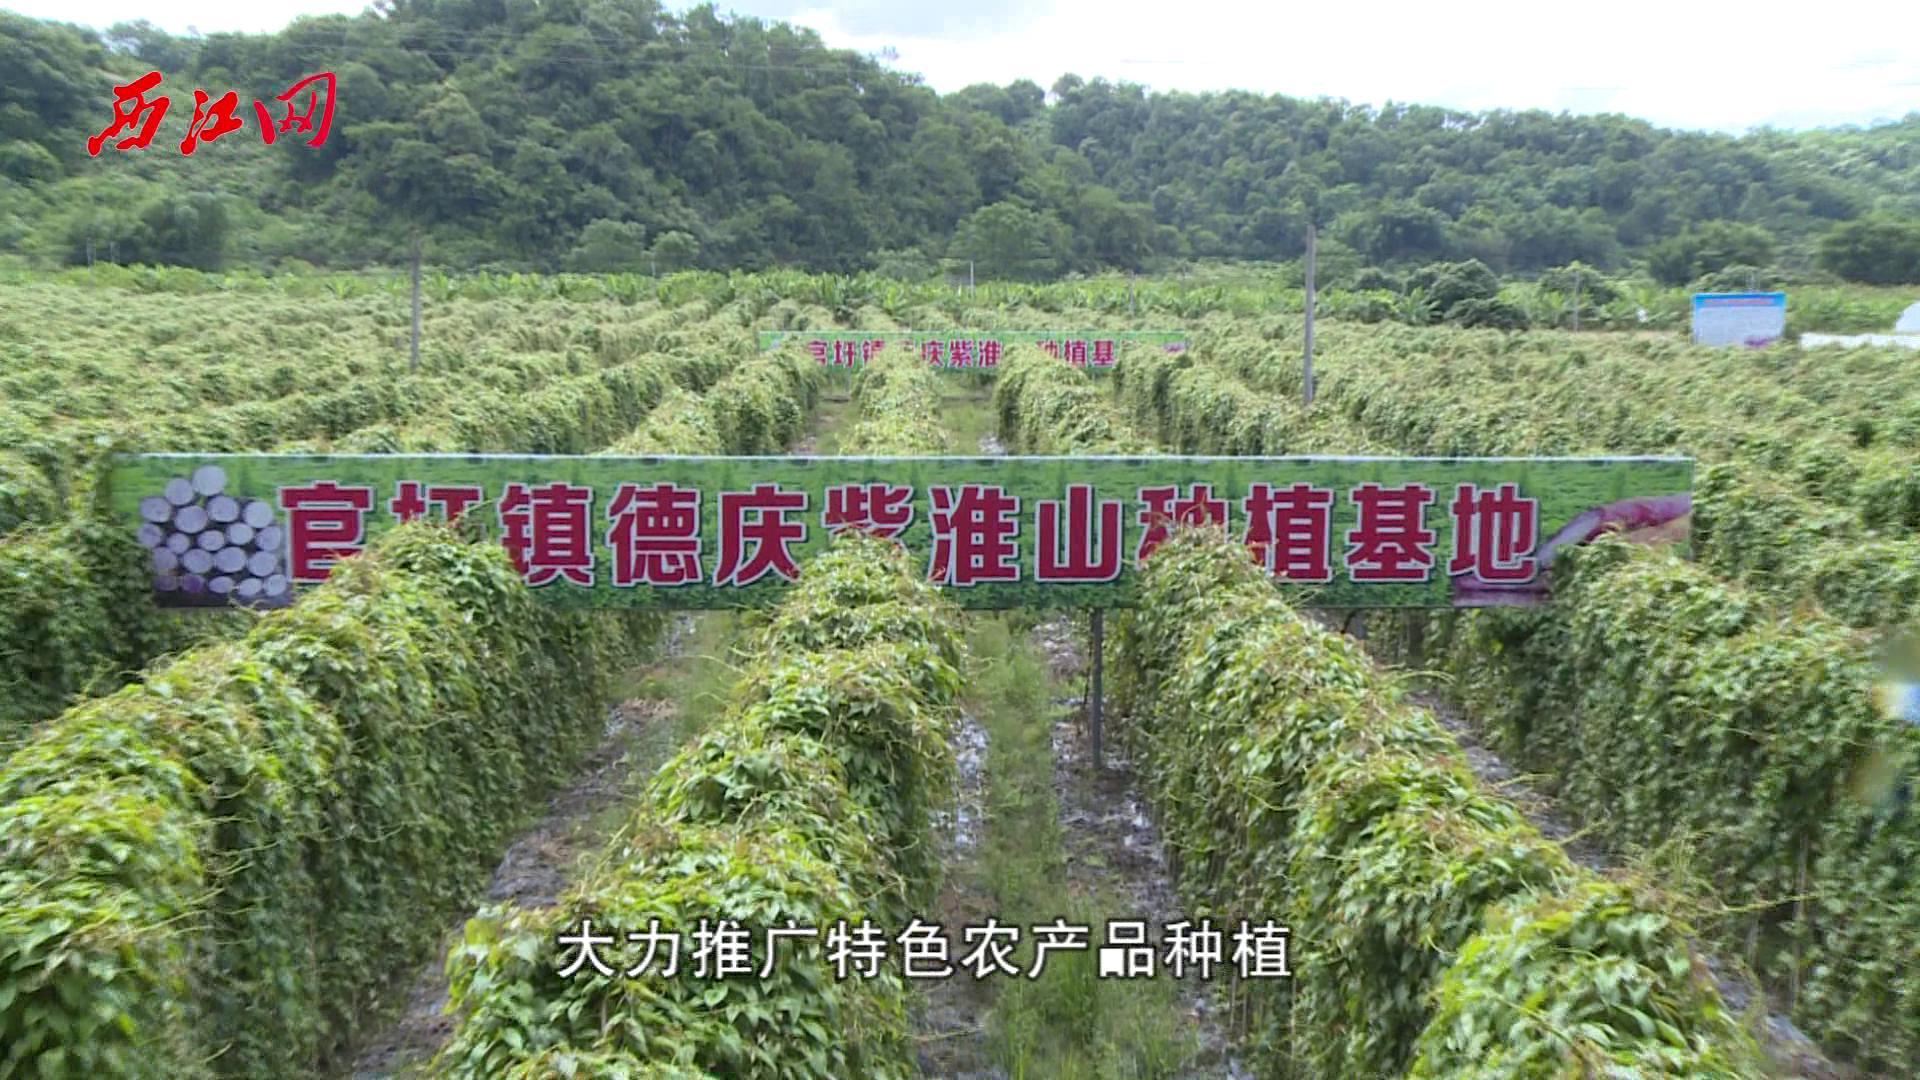 """促进农村产业融合发展 德庆种植业变出""""新花样"""""""